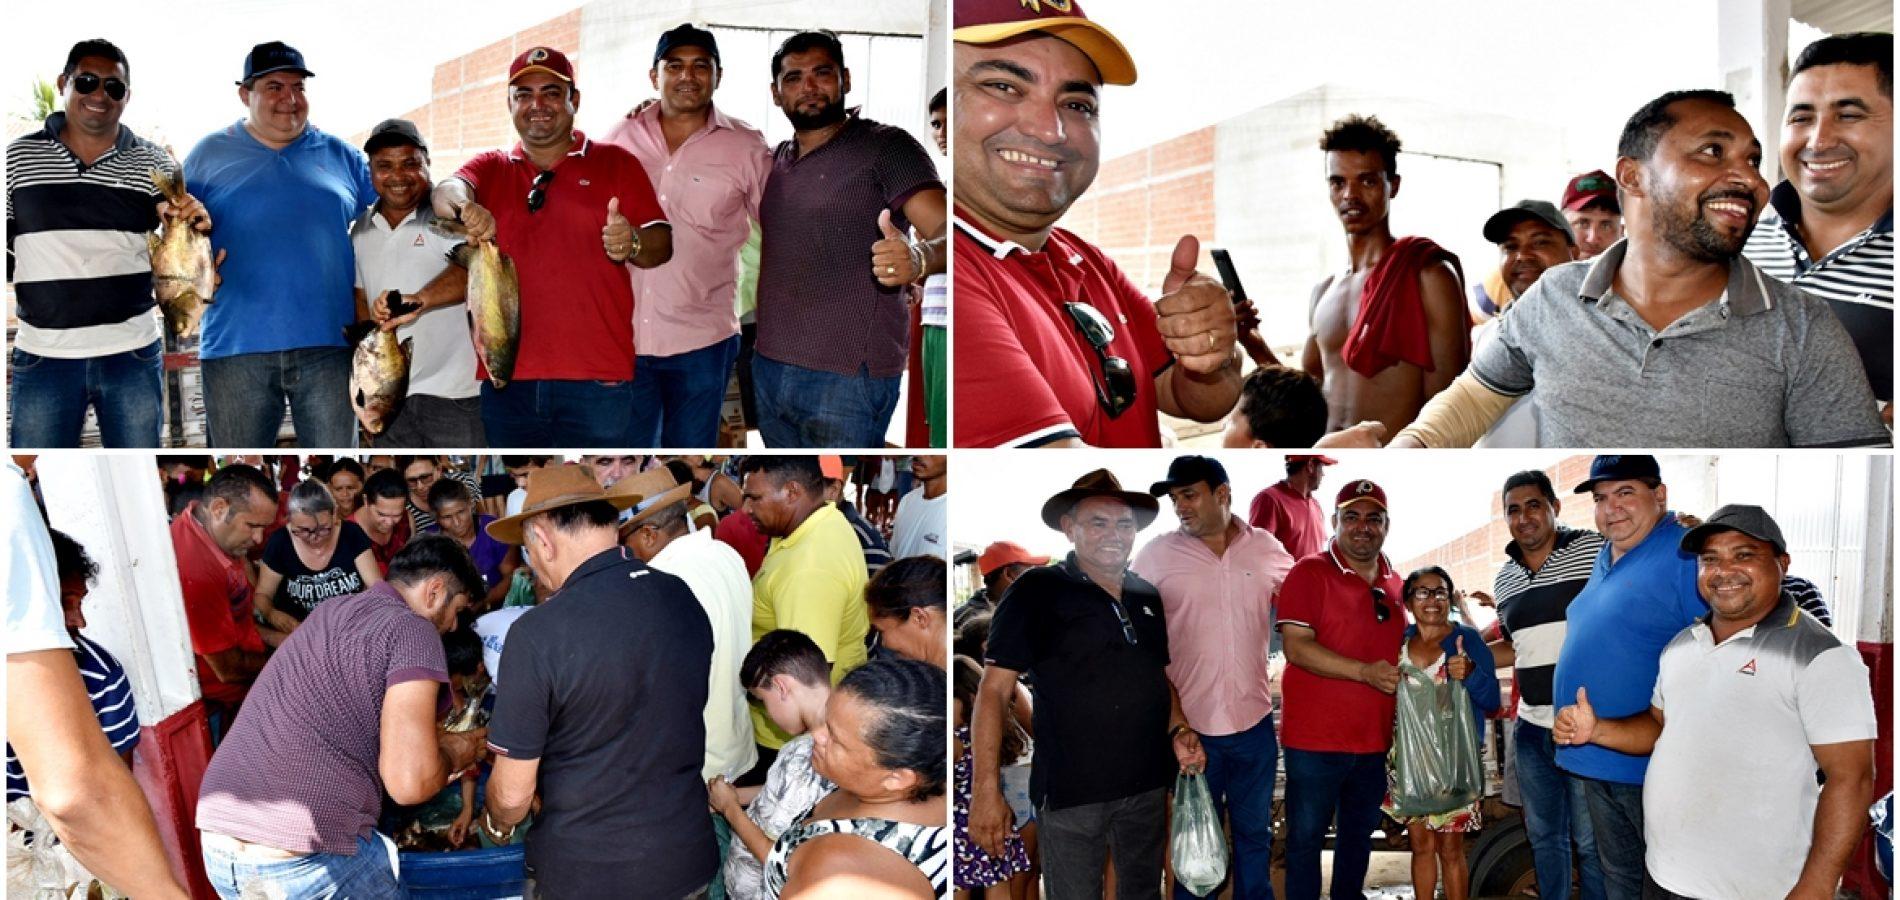 Prefeitura de Alegrete faz entrega de 2 toneladas de peixes para famílias carentes; fotos